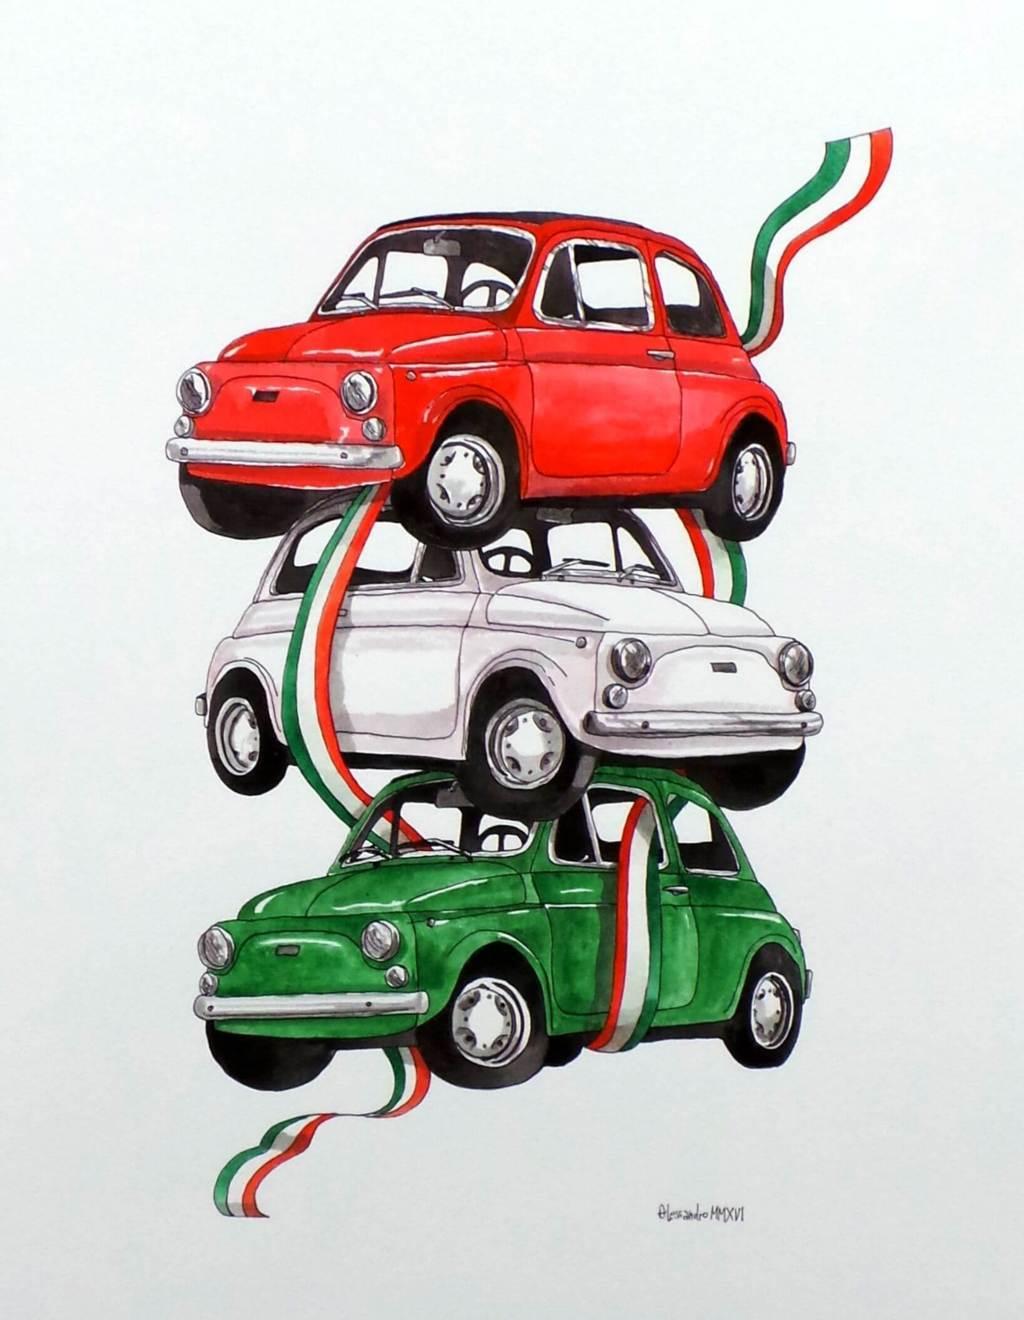 Fiat 500 Acquerello by Alessandro Tizzi x Moda a Colazione